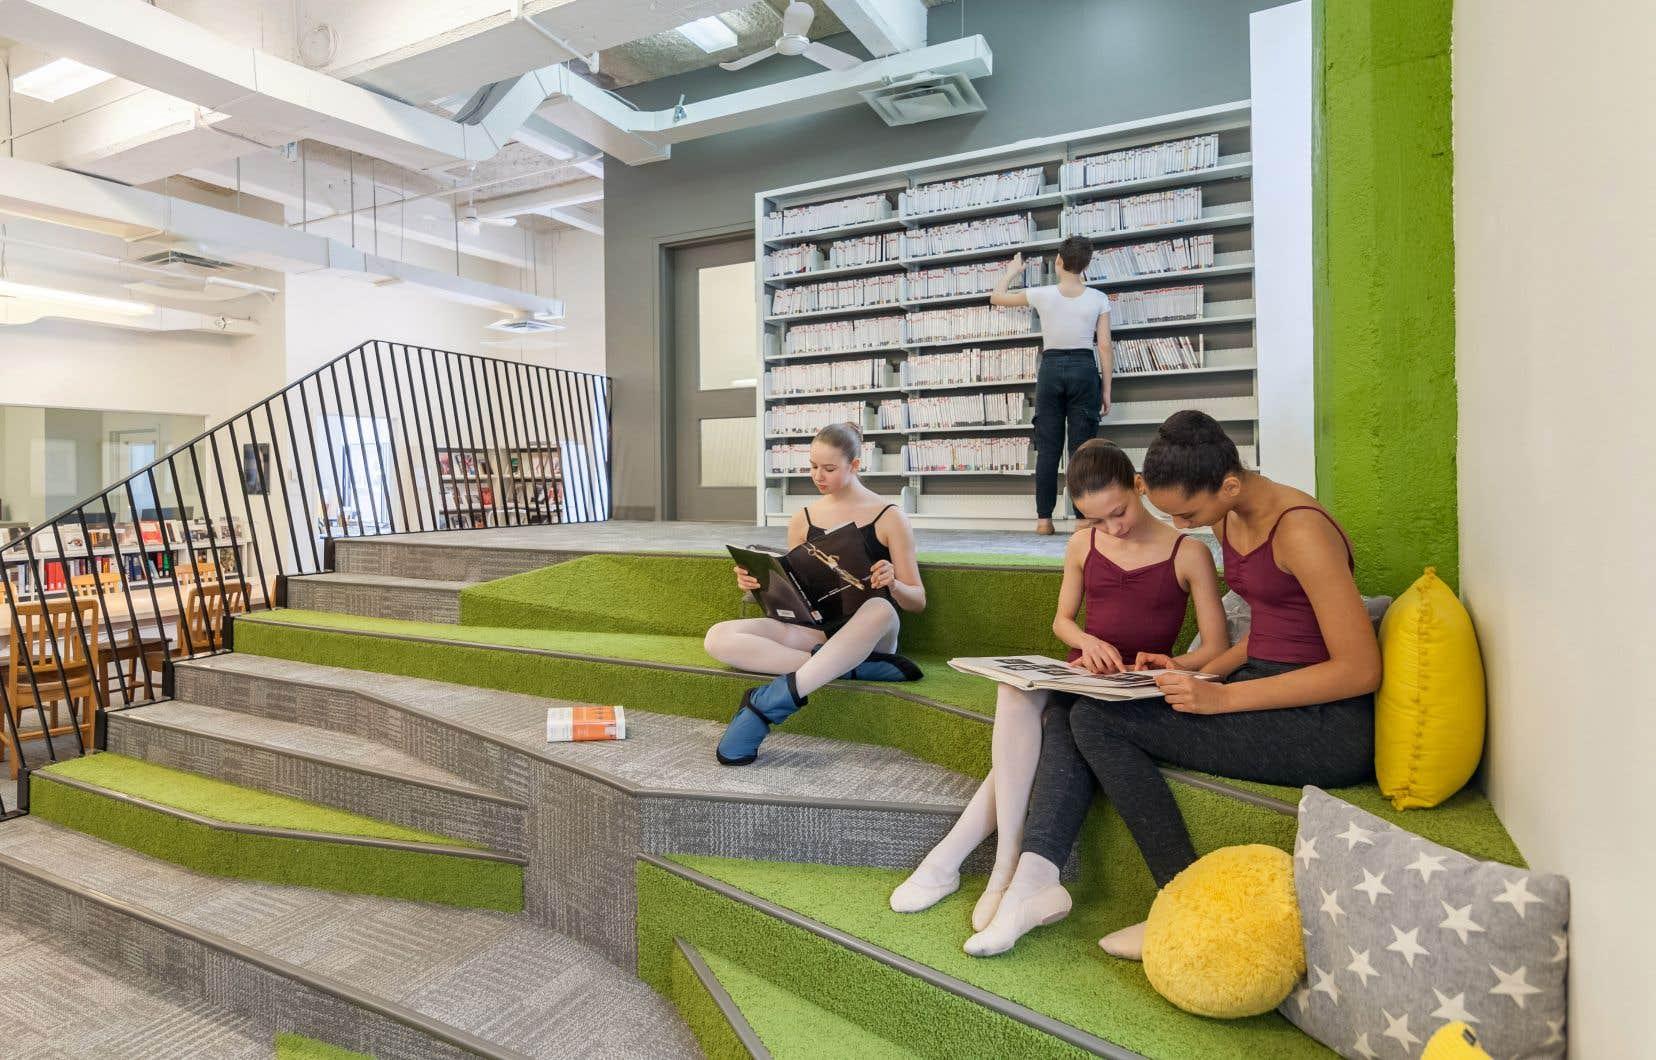 La rénovation de la bibliothèque l'année dernière donne un aperçu du potentiel de l'édifice, selon la directrice adjointe des communications et relations publiques de l'ESBQ, Lili Marin.